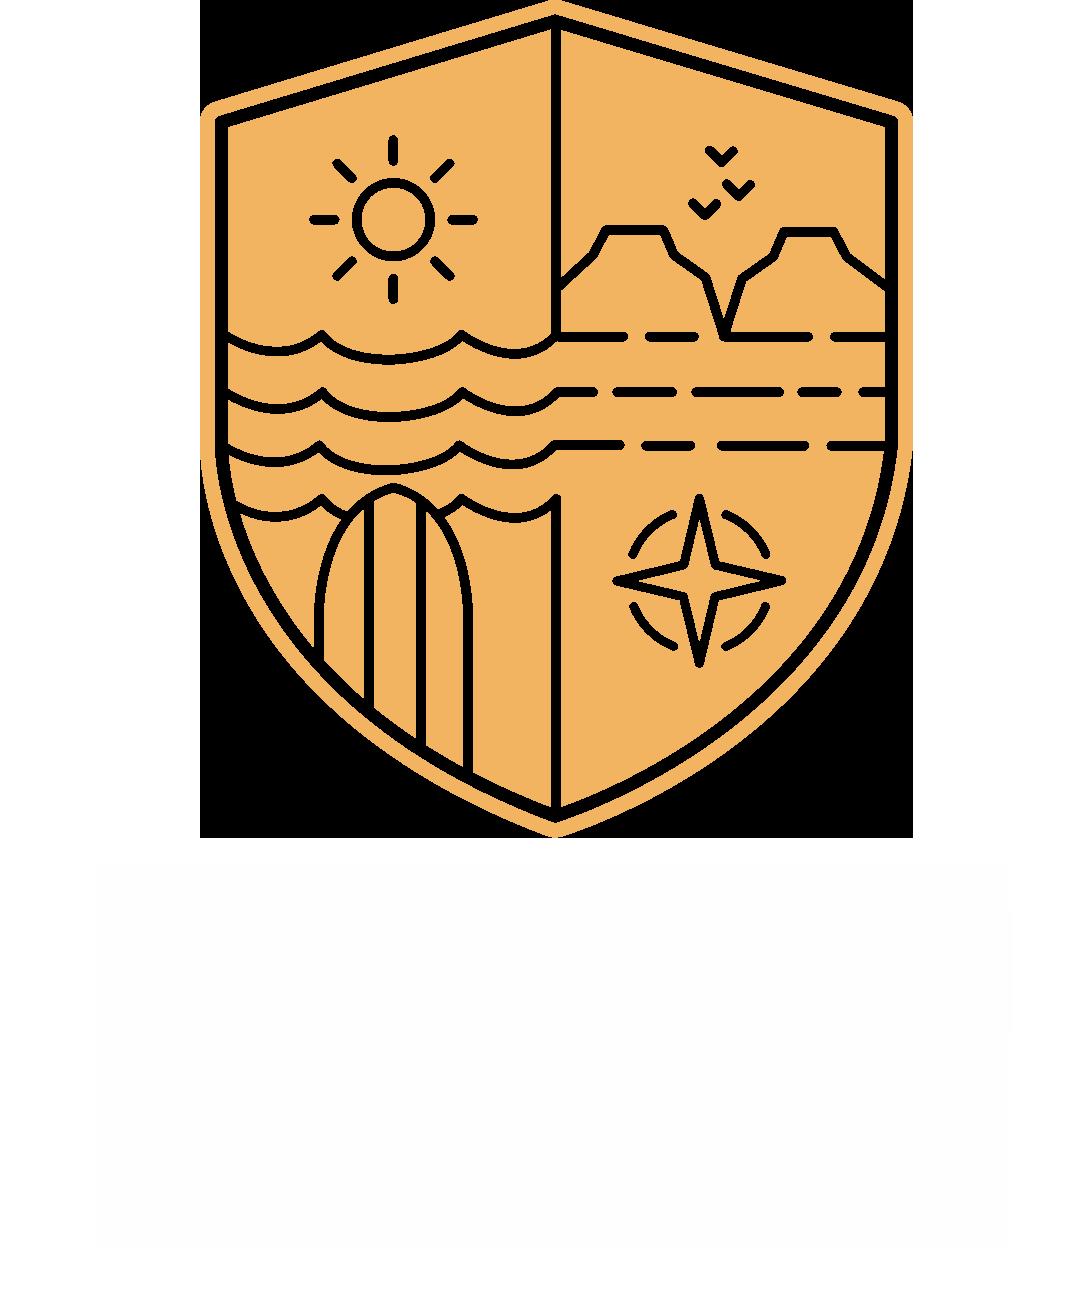 noronha350-logo05